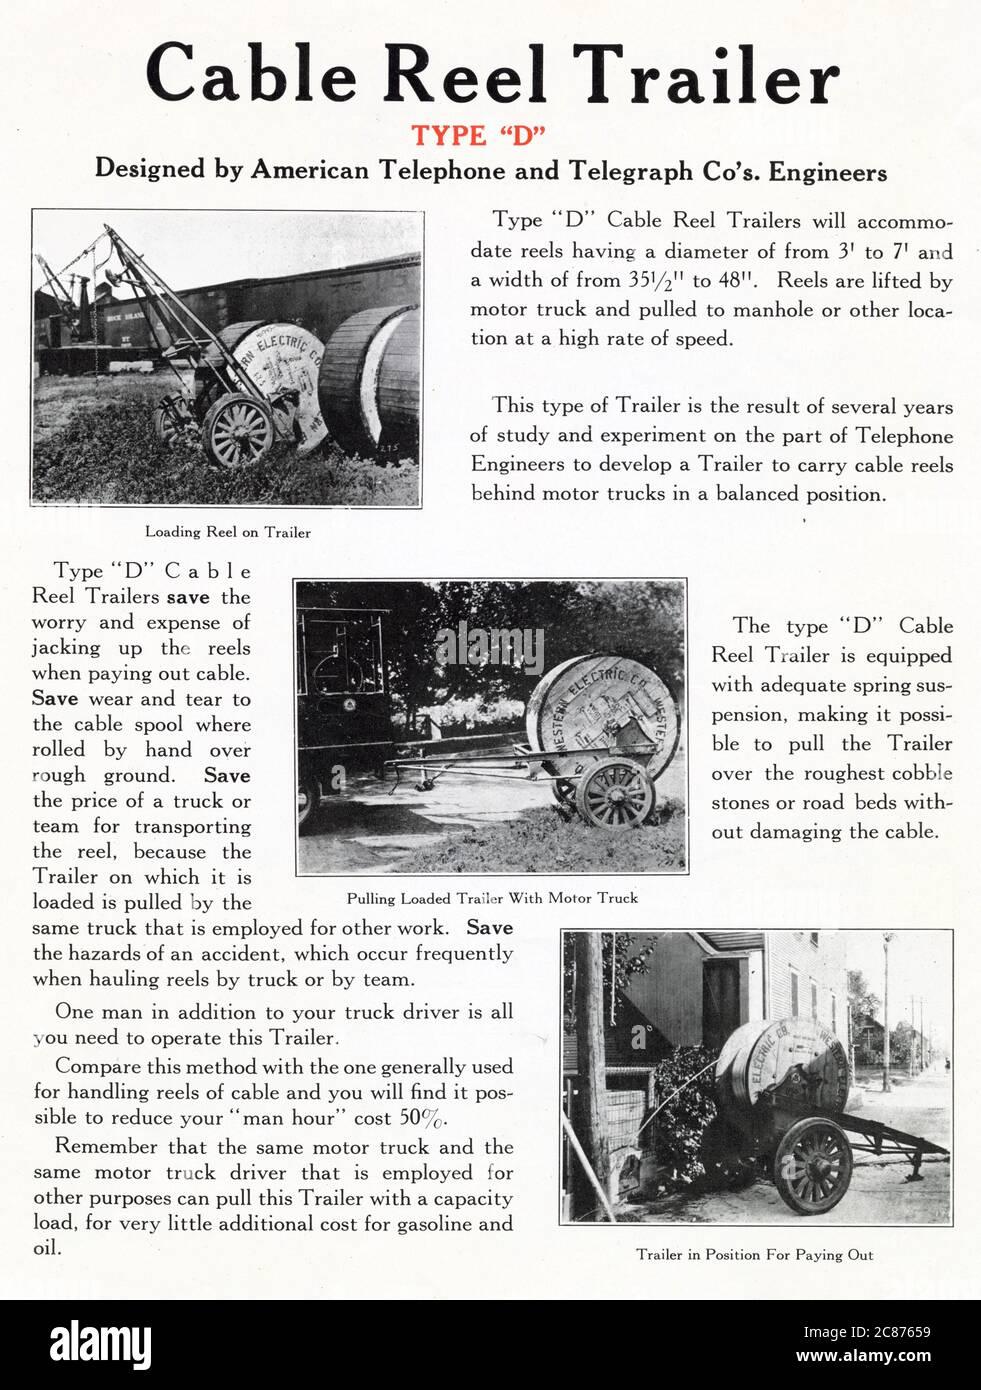 Trois remorques à bobines de câble de type D, conçues par les ingénieurs d'American Telephone and Telegraph Company. Chargement du rabatteur sur la remorque, traction de la remorque chargée avec le camion à moteur et la remorque en position pour le paiement. Date : début des années 1920 Banque D'Images